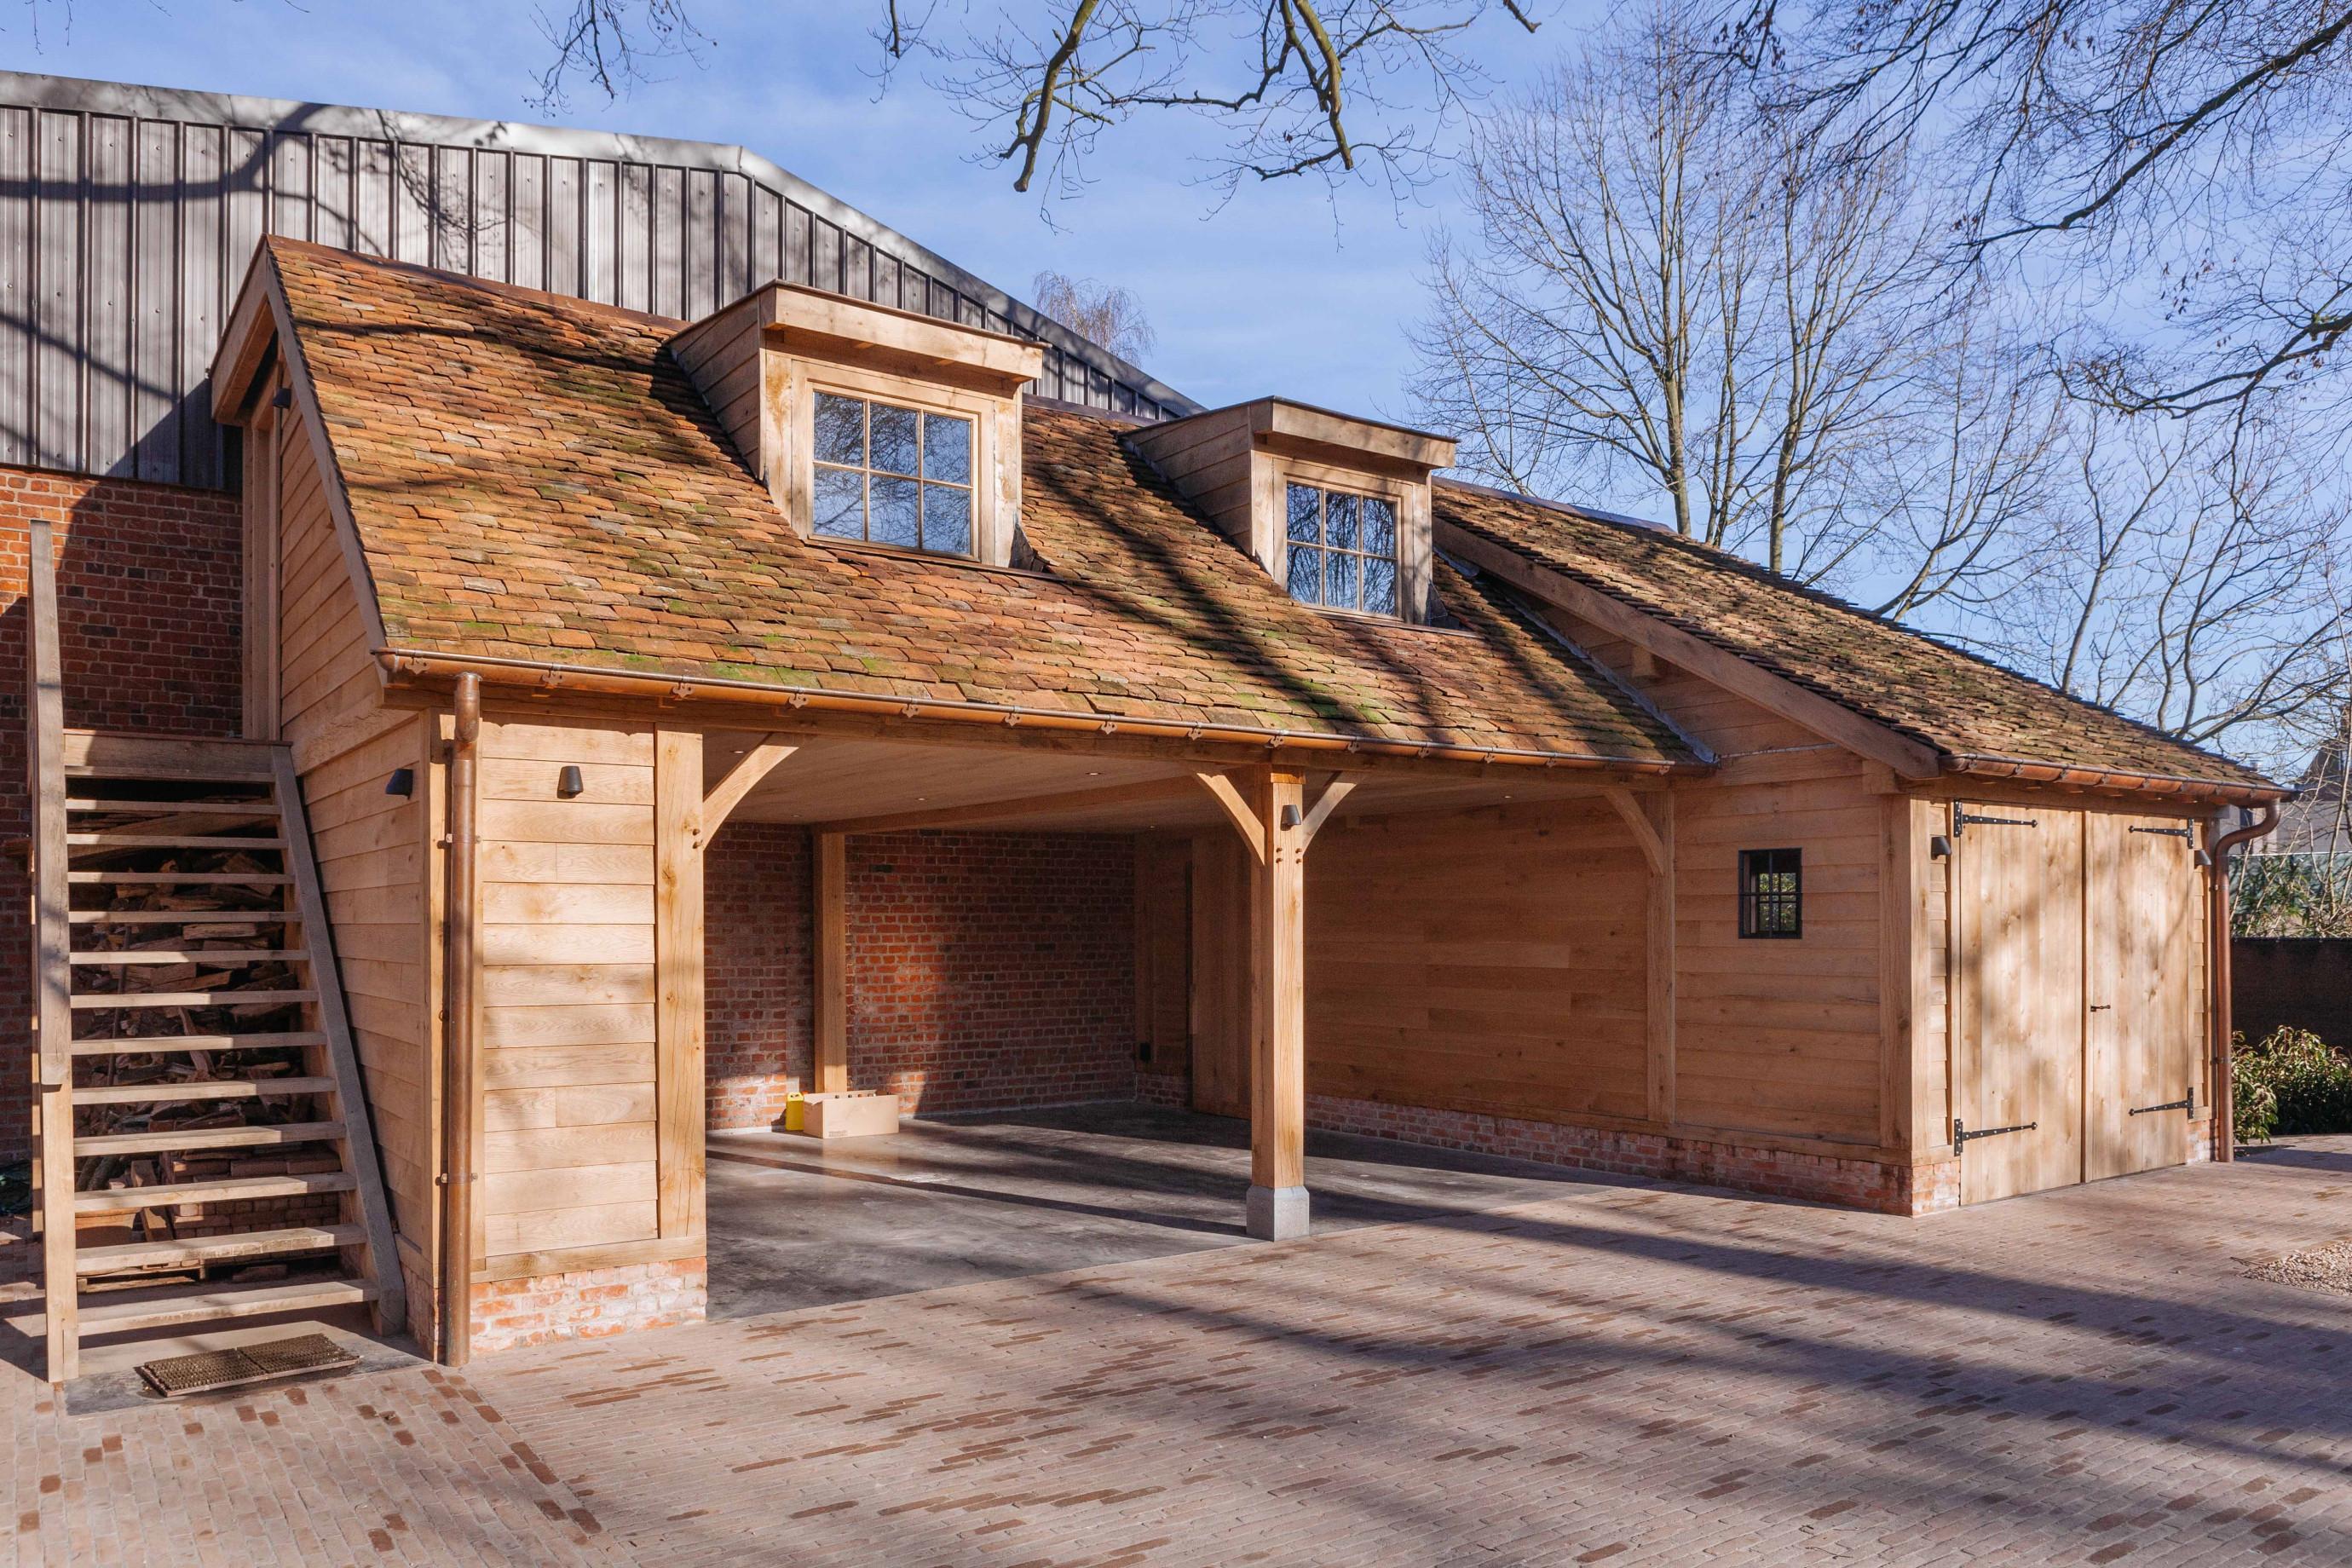 Deze prachtig eiken carport met guesthouse werd deskundig gerealiseerd door Vanhauwood met behulp van het eiken bouwpakket vervaardigd door Cornelis Hout.